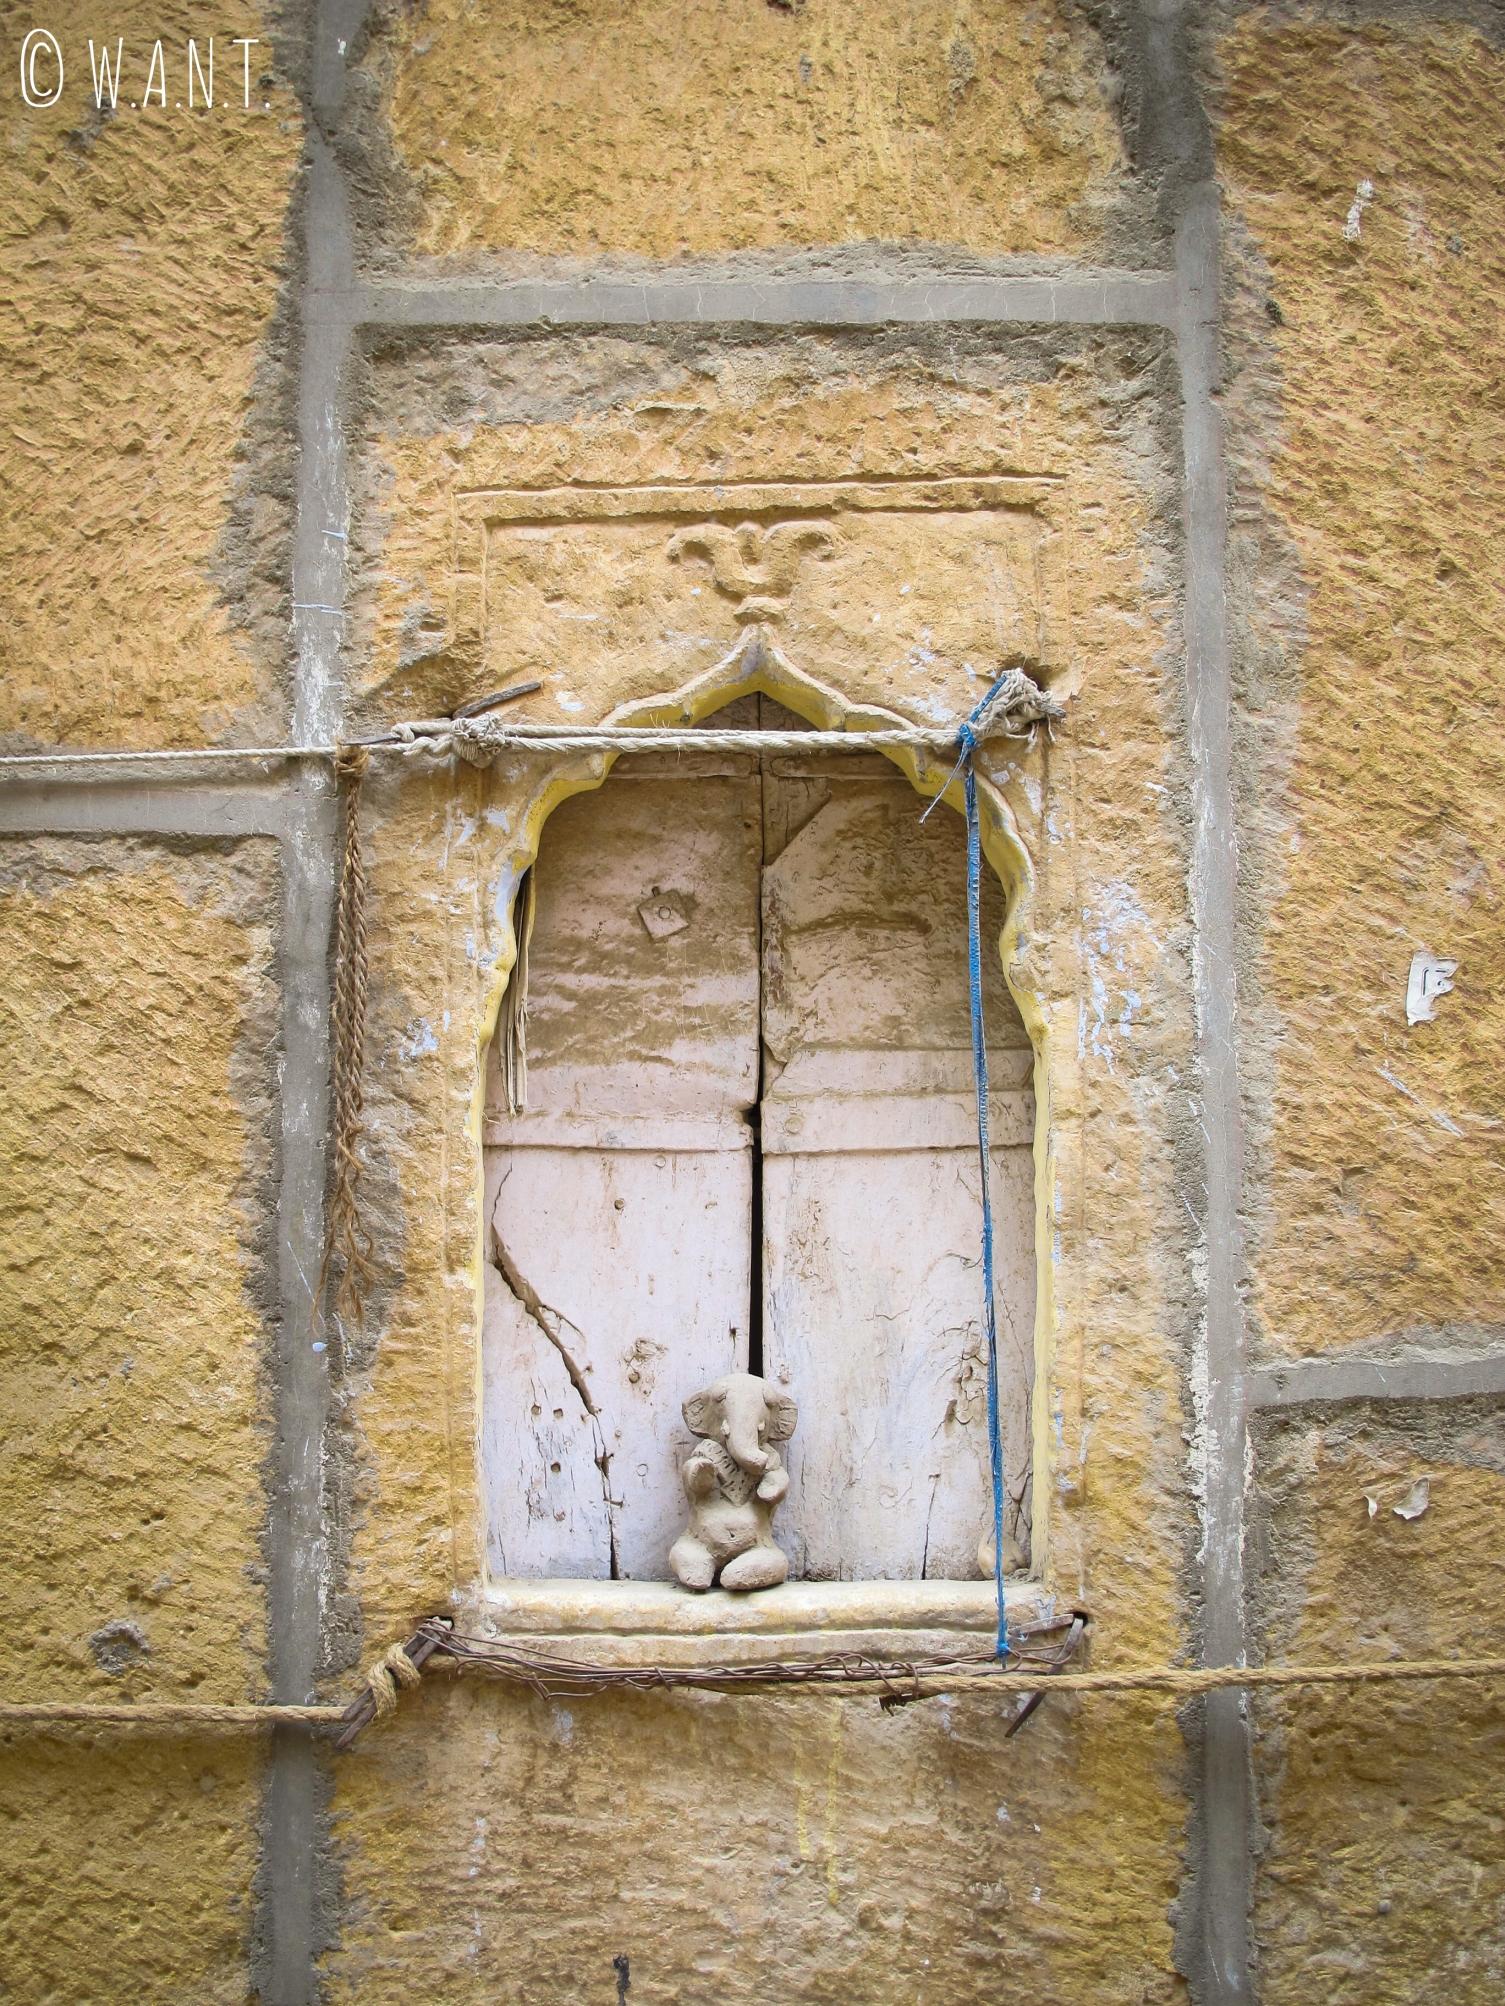 Une statuette de Ganesh déposée sur une petite alcôve dans les rues du fort de Jaisalmer